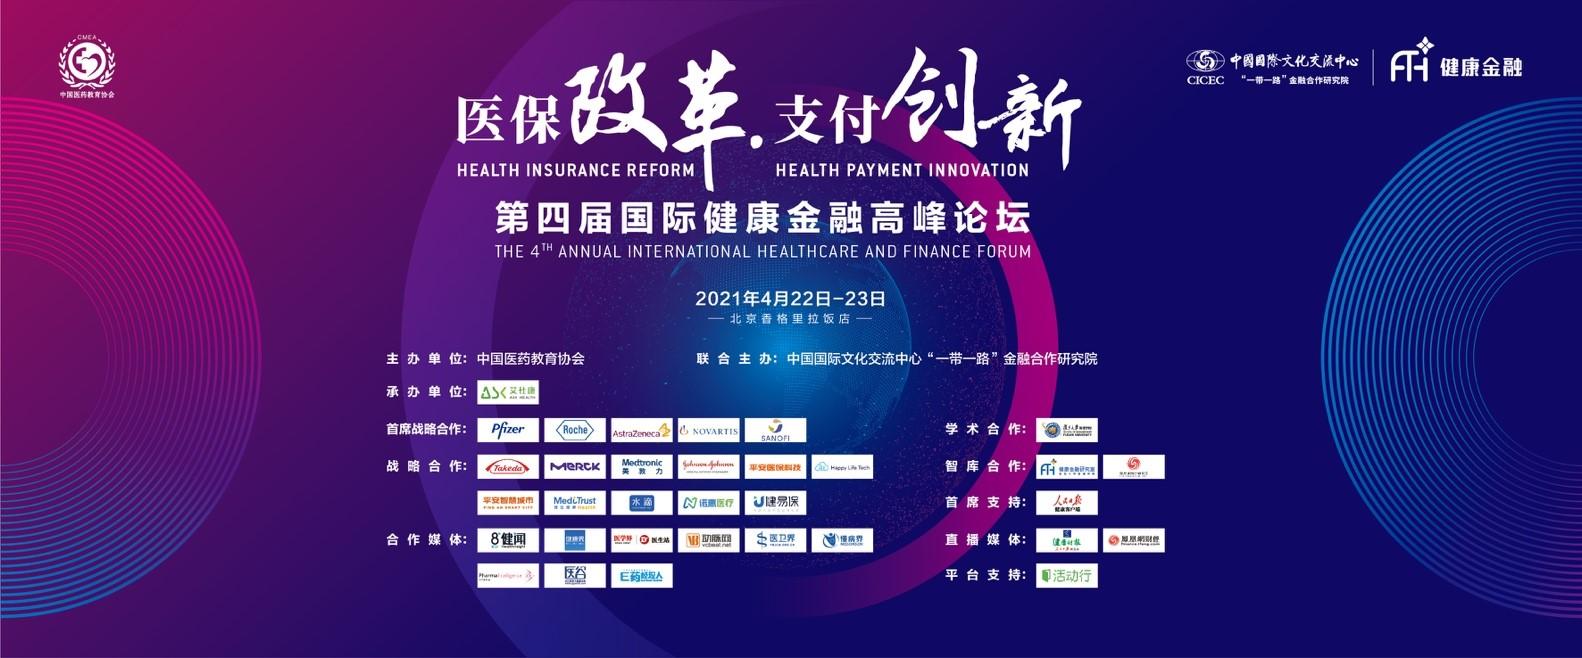 医保改革 · 支付创新——第四届国际健康金融高峰论坛在京举办